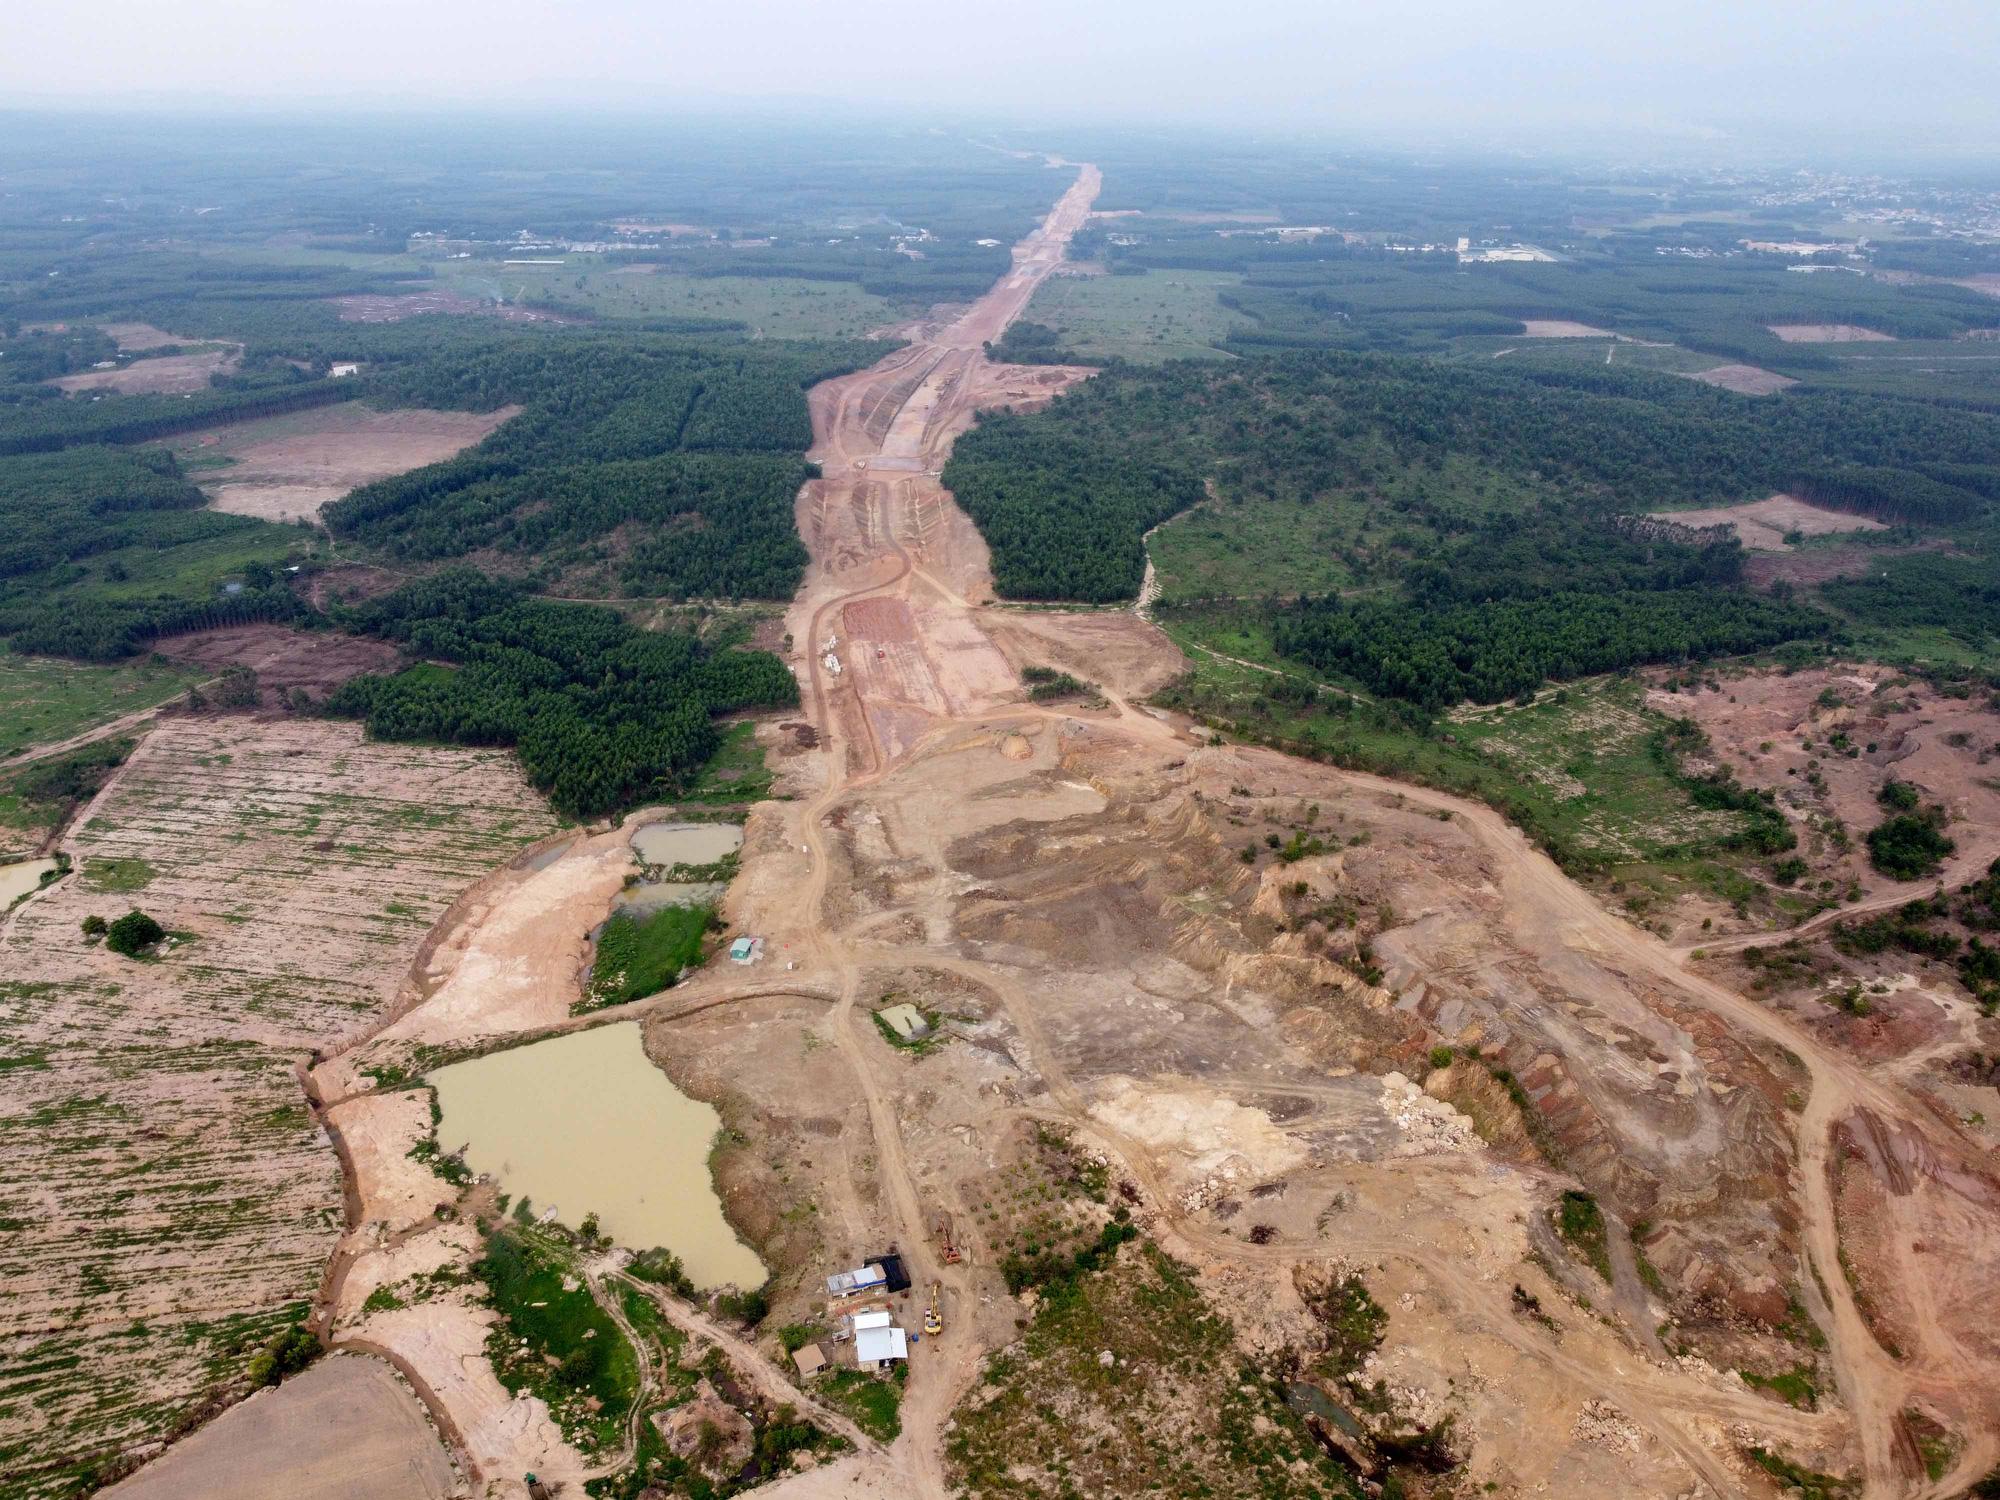 Cao tốc Phan Thiết - Dầu Giây dần lộ diện sau hơn 8 tháng thi công - Ảnh 4.